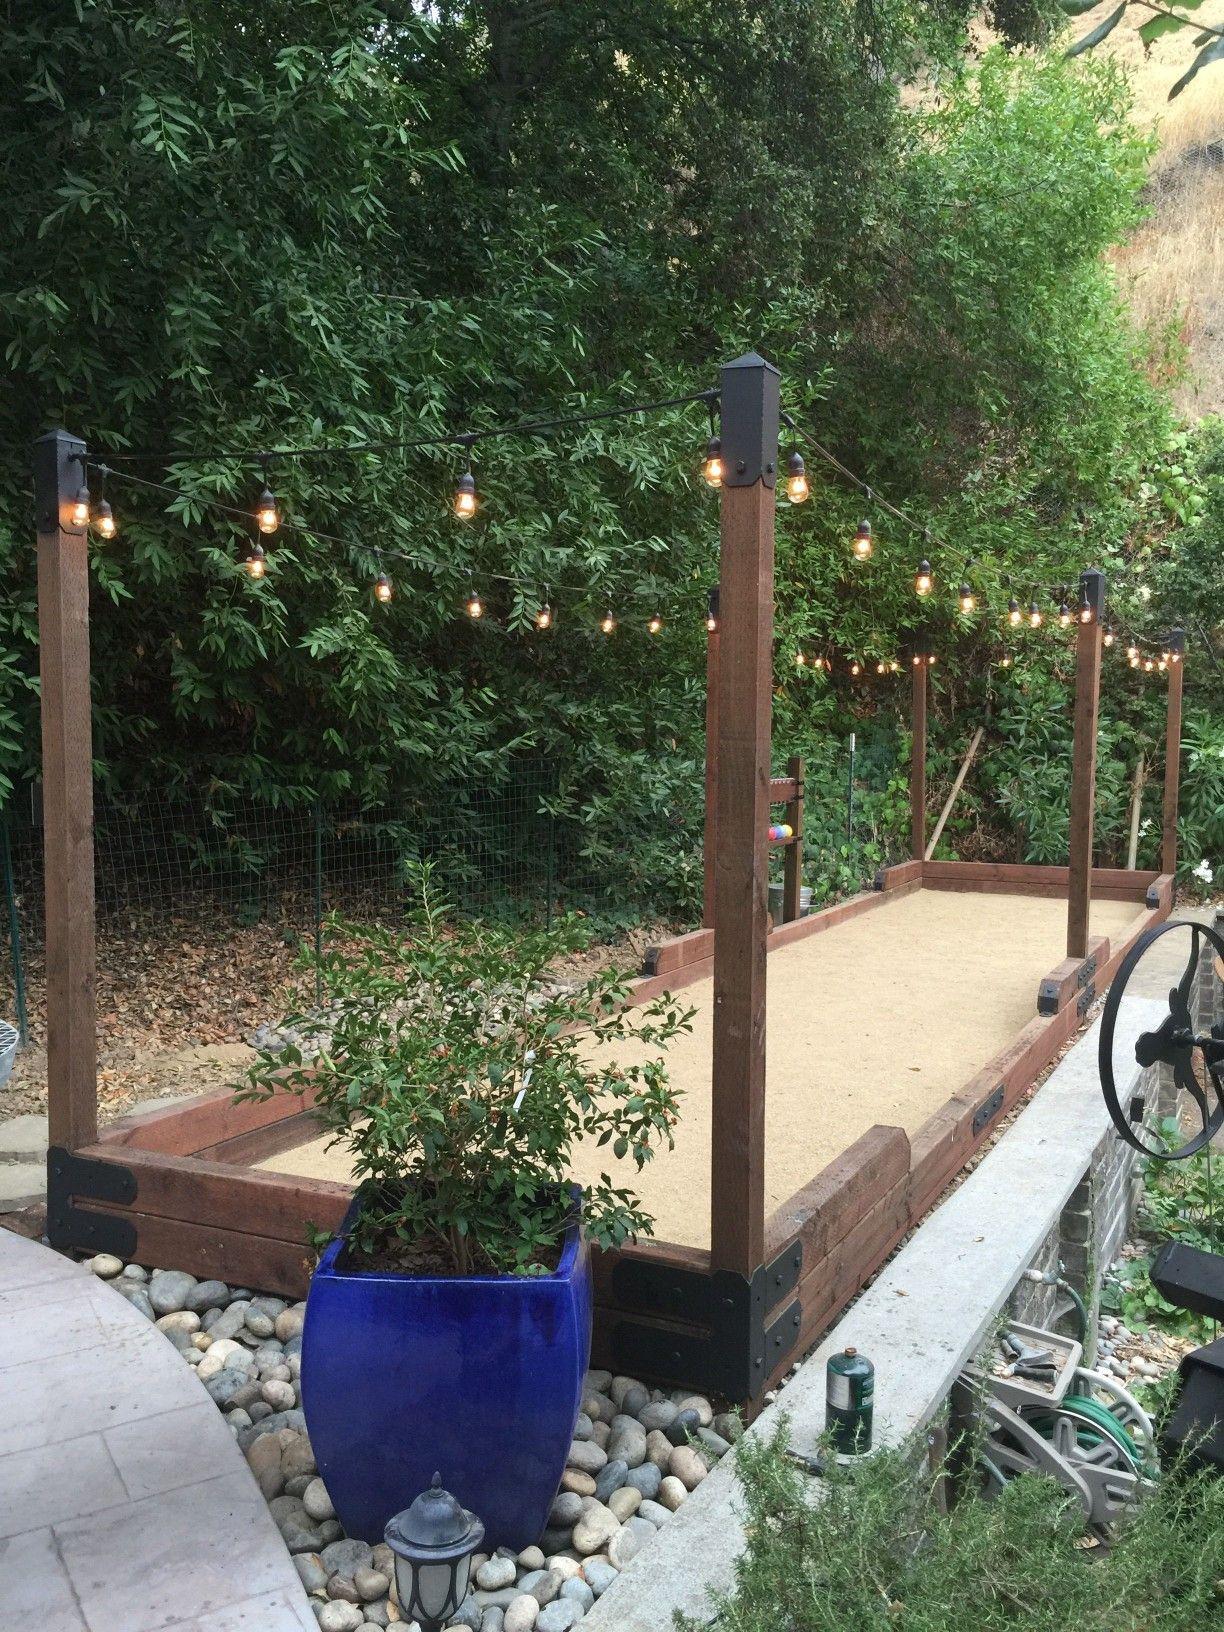 Epingle Par Trbinterest Sur Boules Terrain Petanque Decoration Jardin Exterieur Comment Construire